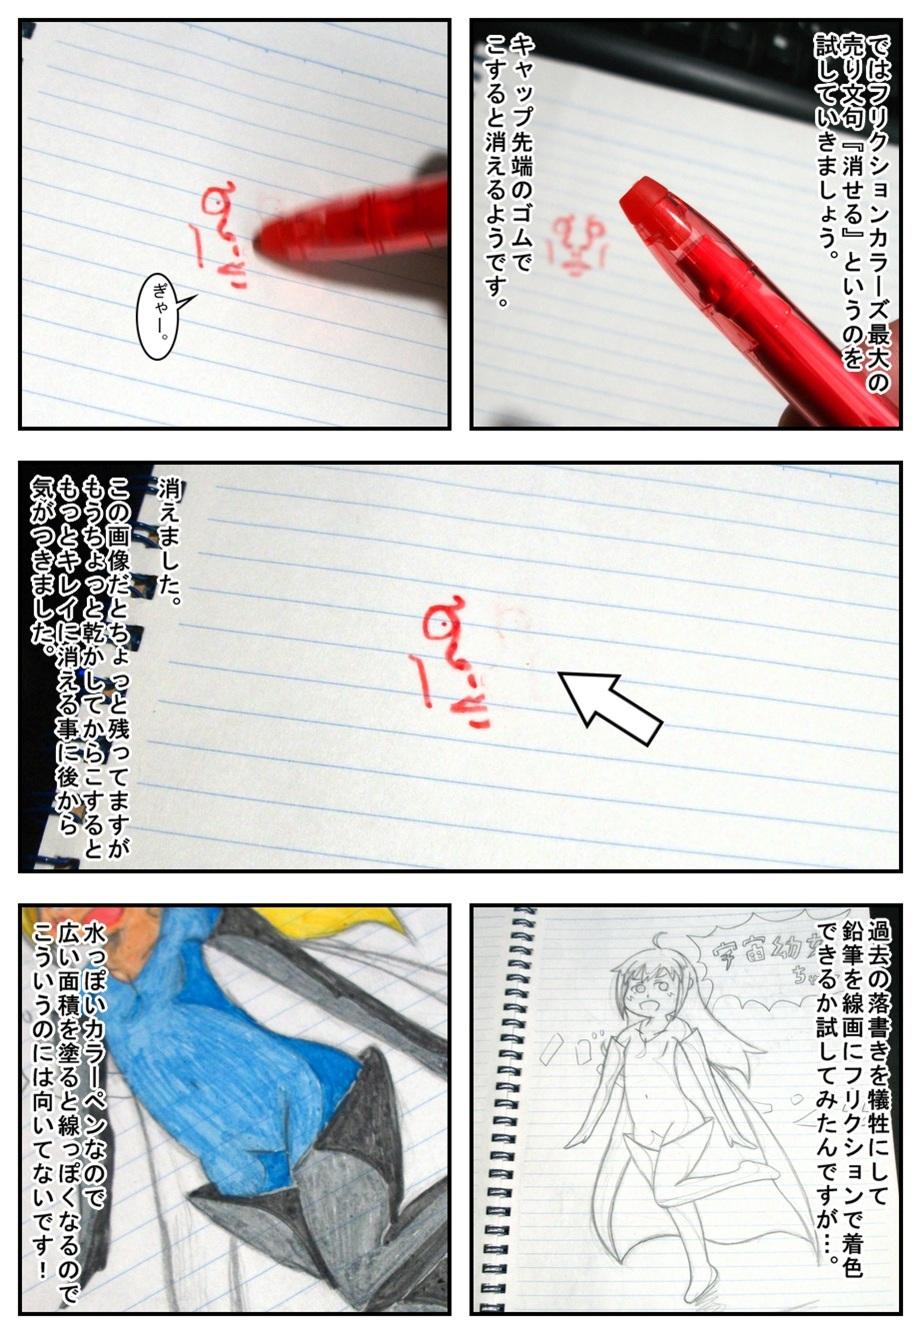 【漫画で商品レビュー】消せるカラーペン24種セット!フリクションカラーズ_f0205396_09581682.jpg